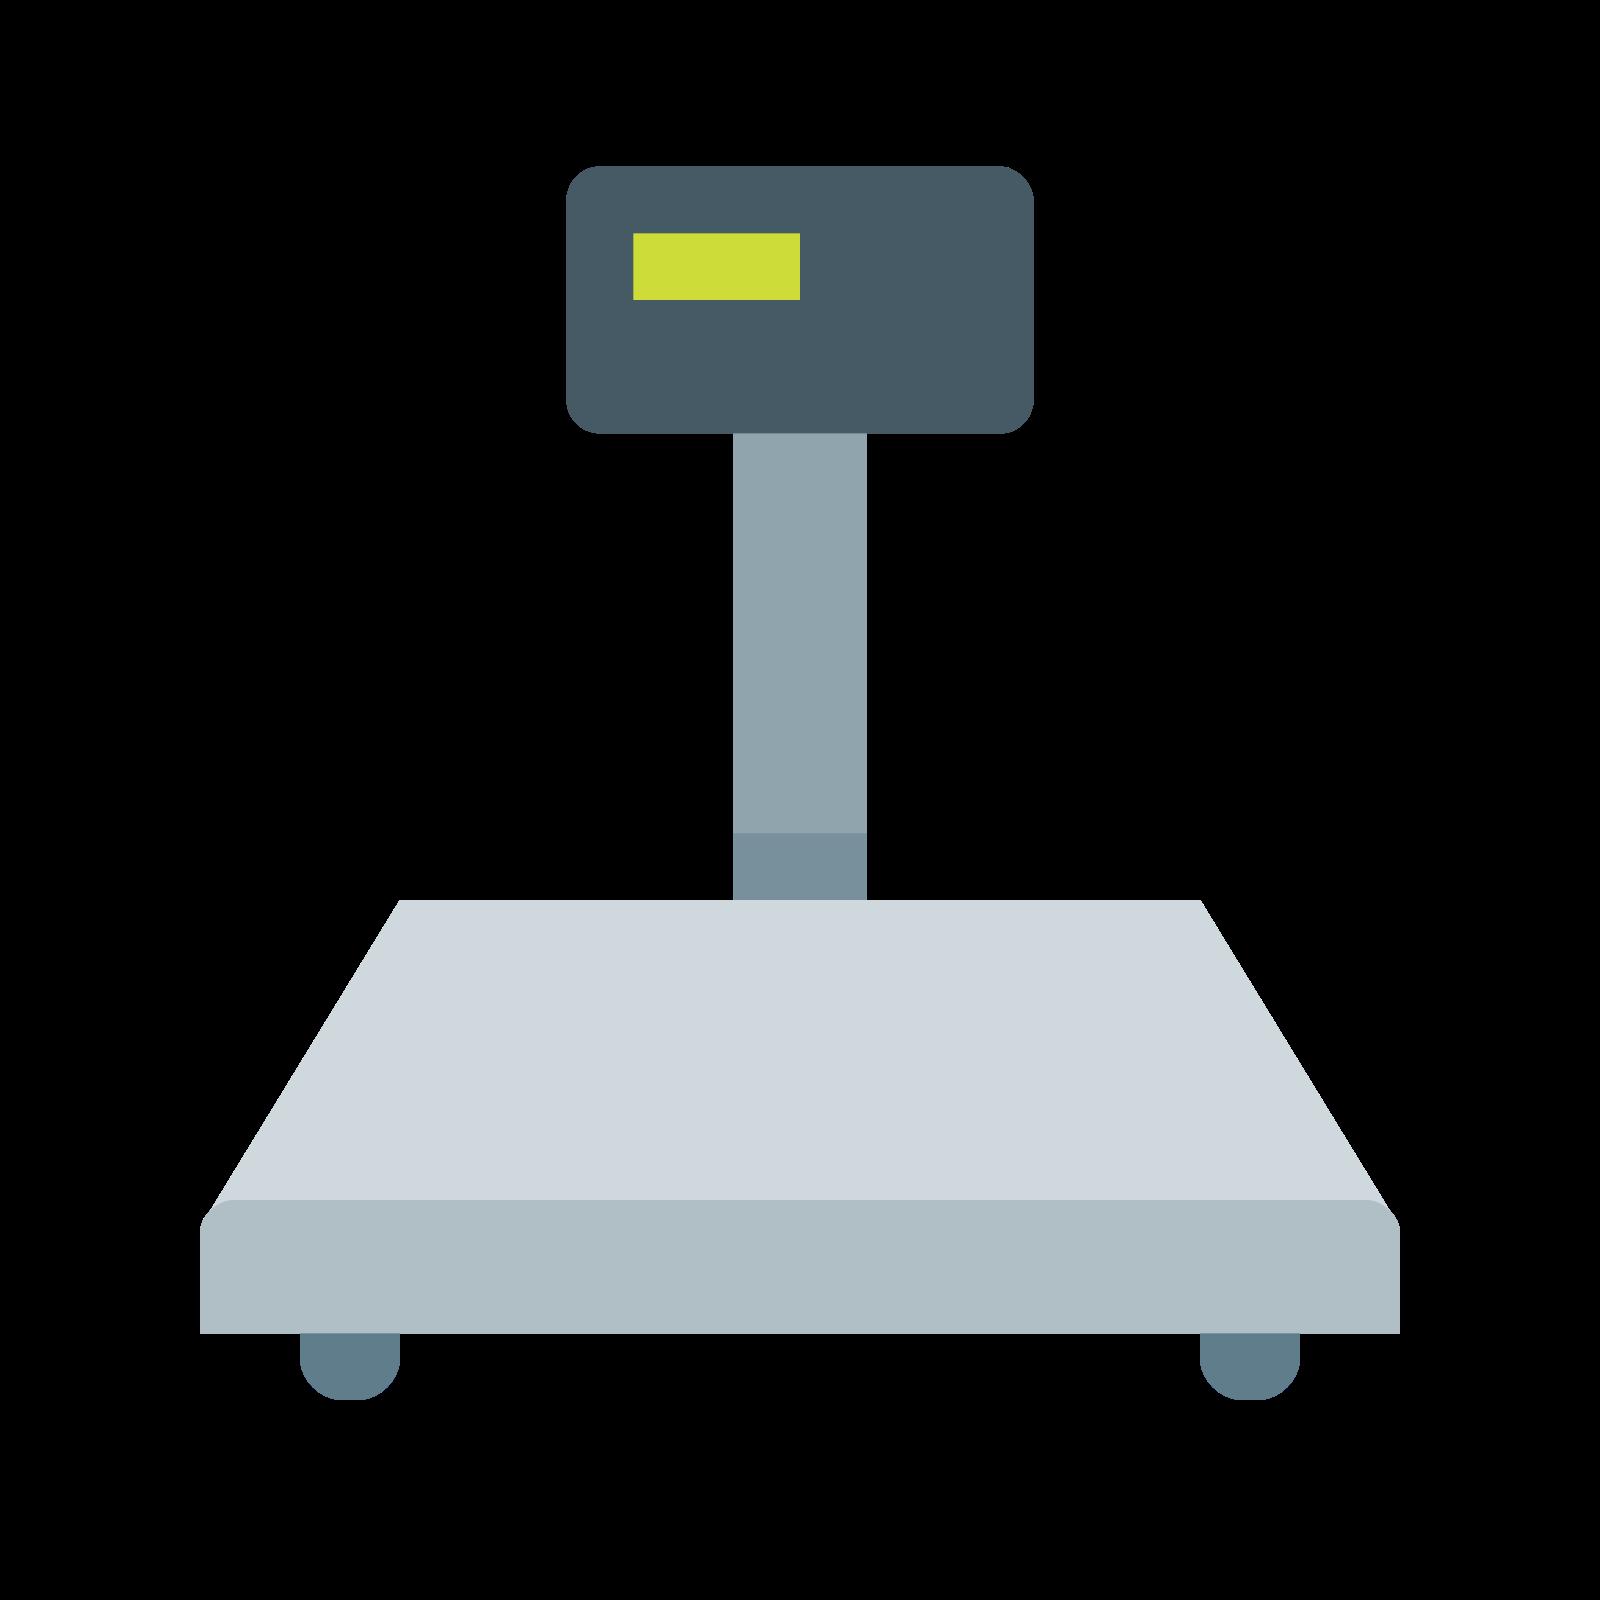 工业秤 icon. It's an image of a scale.  There is a scale platform at the bottom of the image.  There is a readout that is elevated from the scale platform.  The readout is attached to the scale by a support.  It looks like a commercial scale.